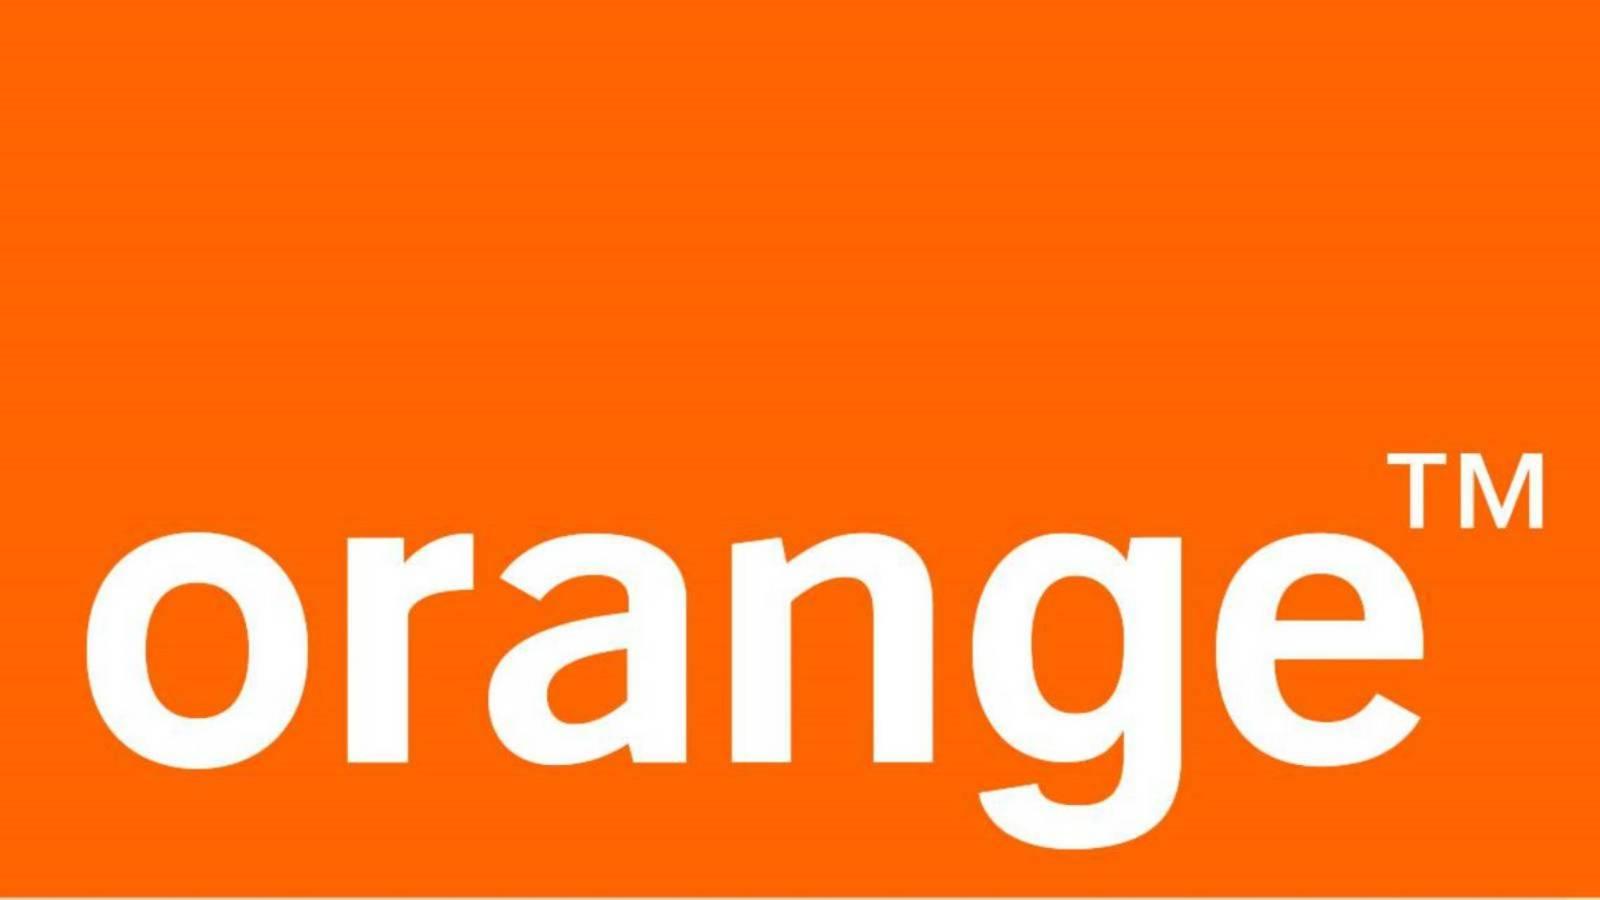 orange reper